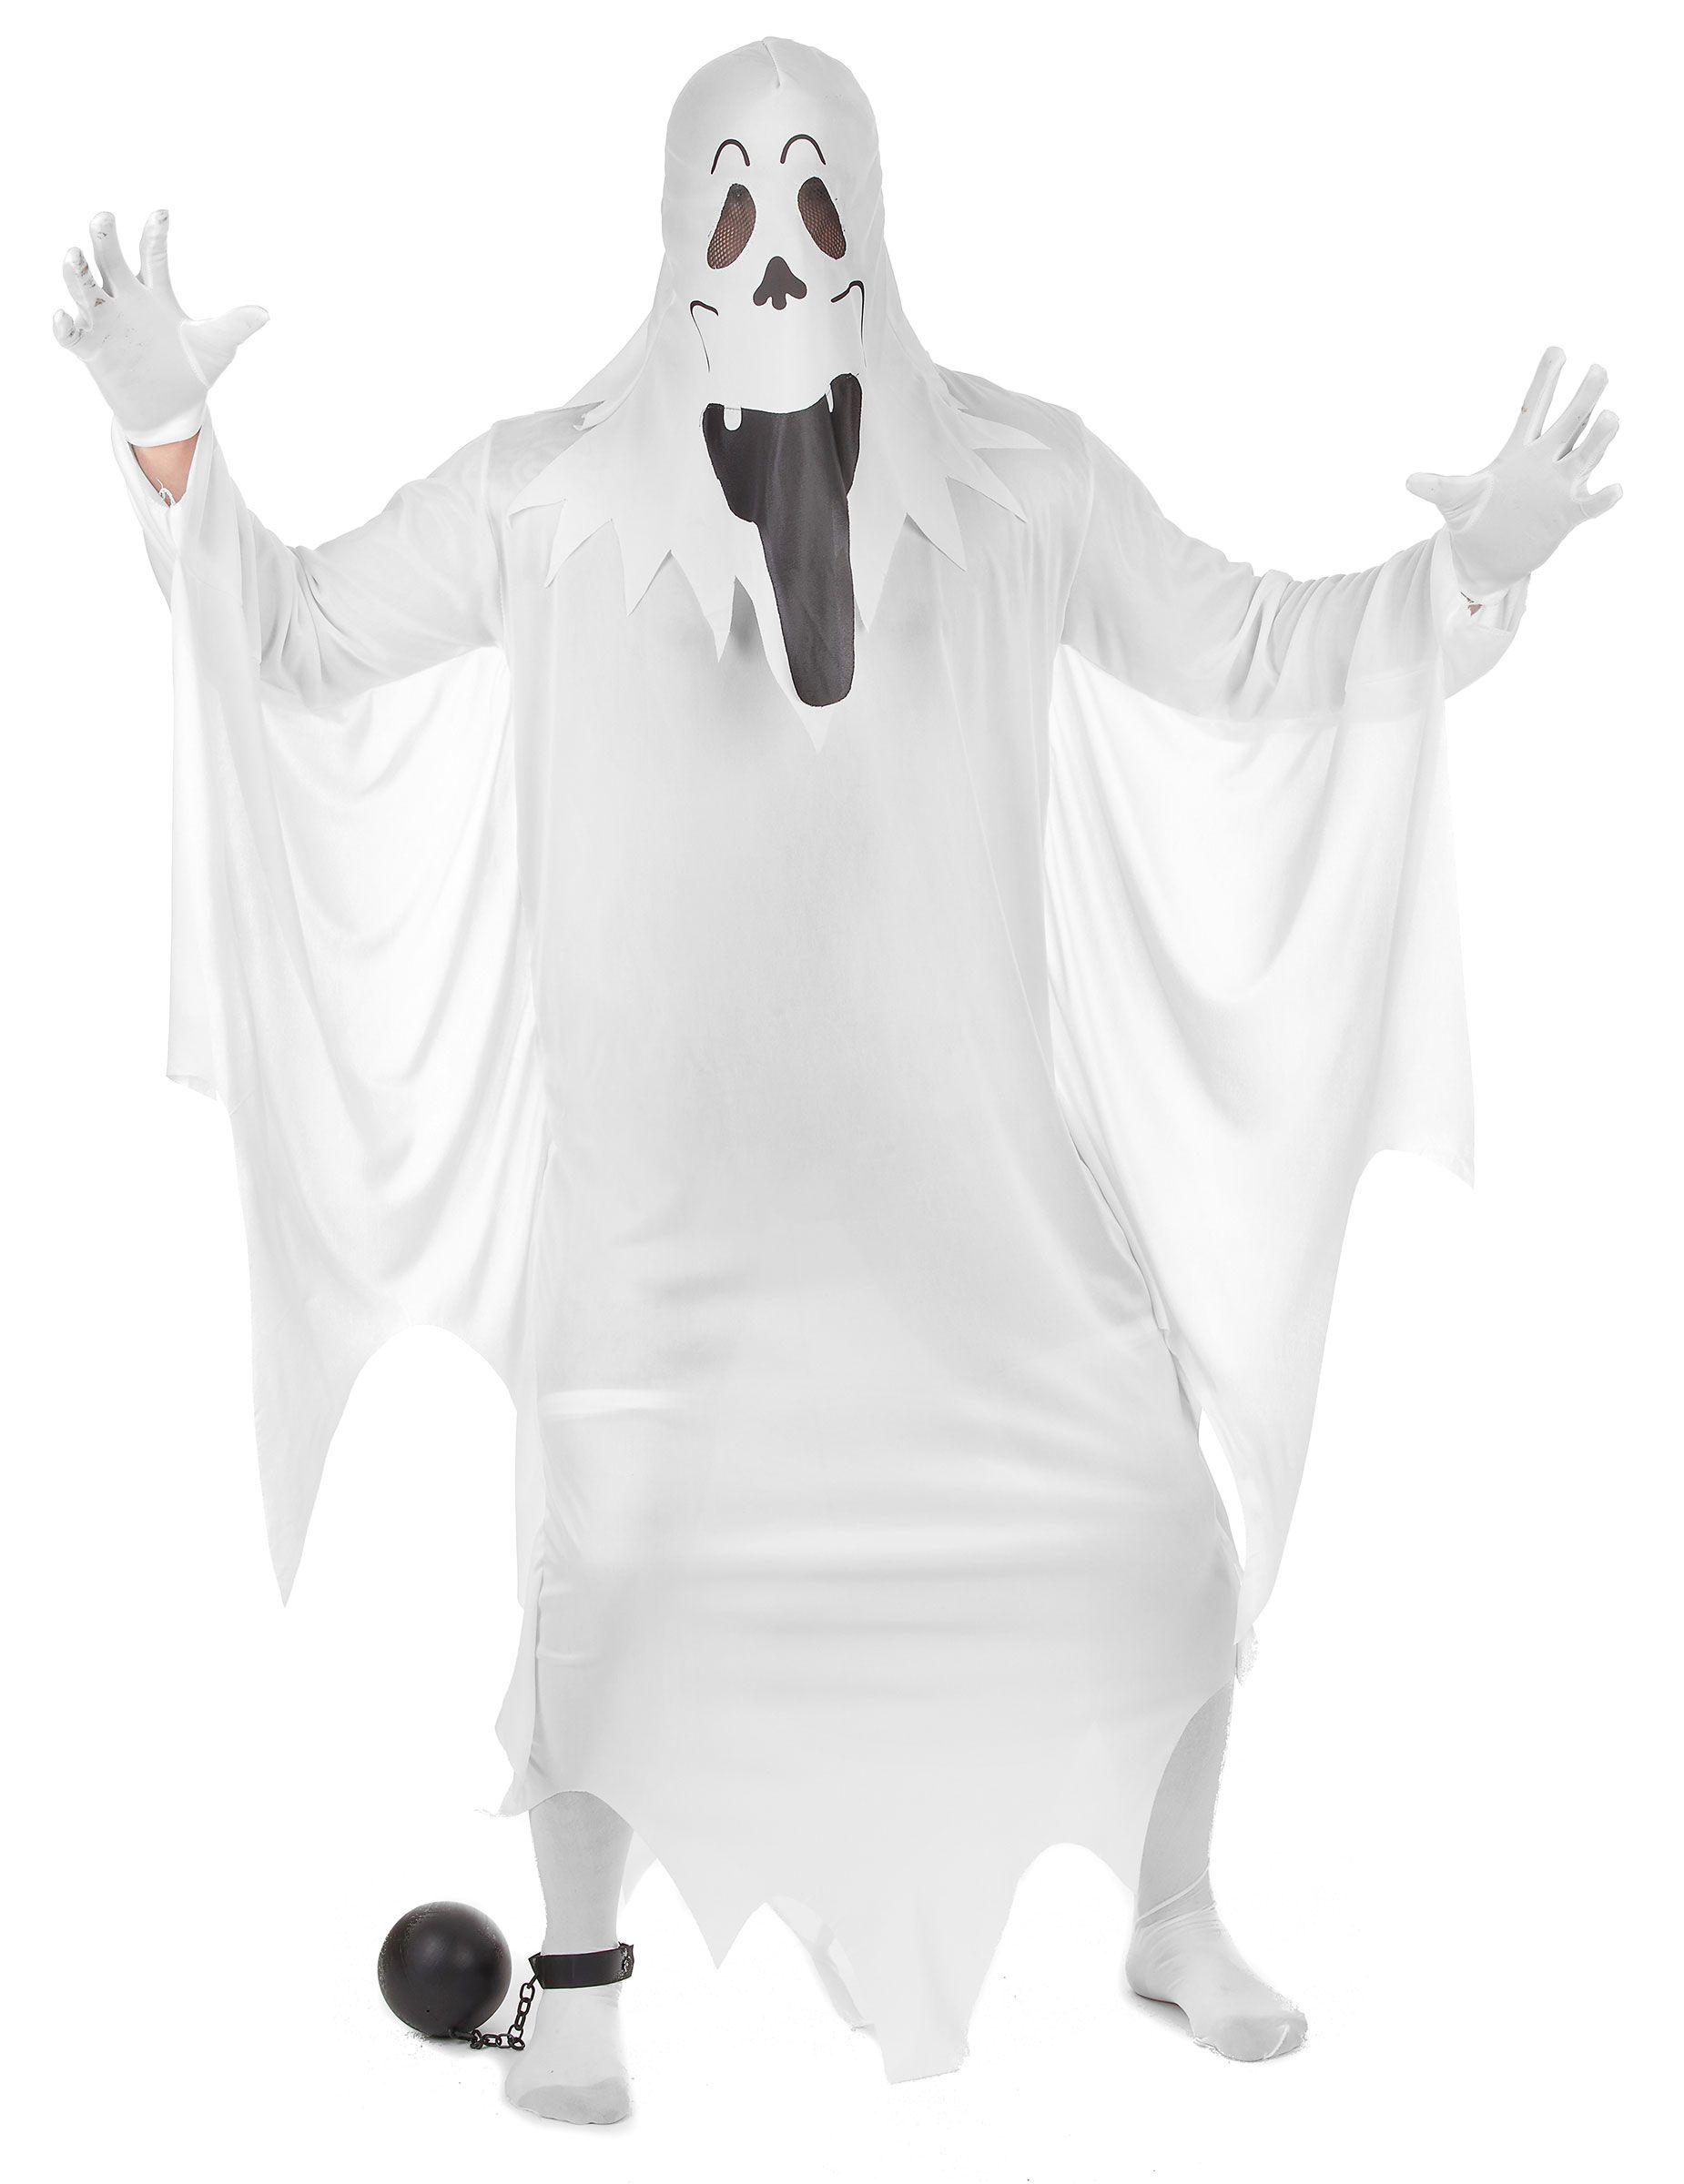 Squelette Humain Géant Articulé 200cms Décoration,Halloween,Horreur,Gore,Fêtes